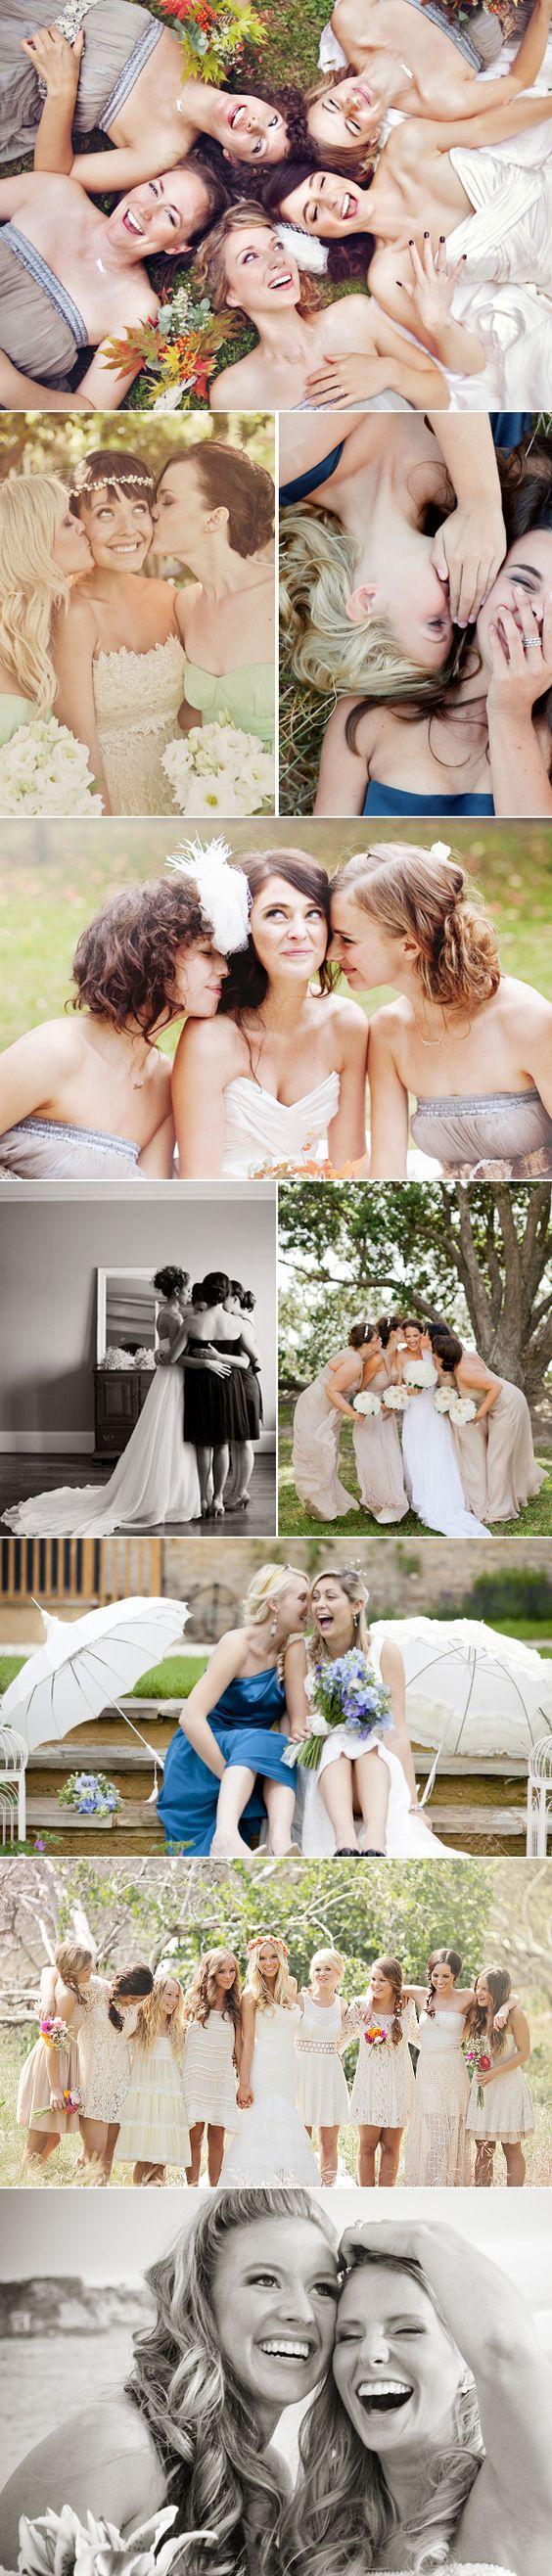 如果要和闺蜜拍一套婚纱照...